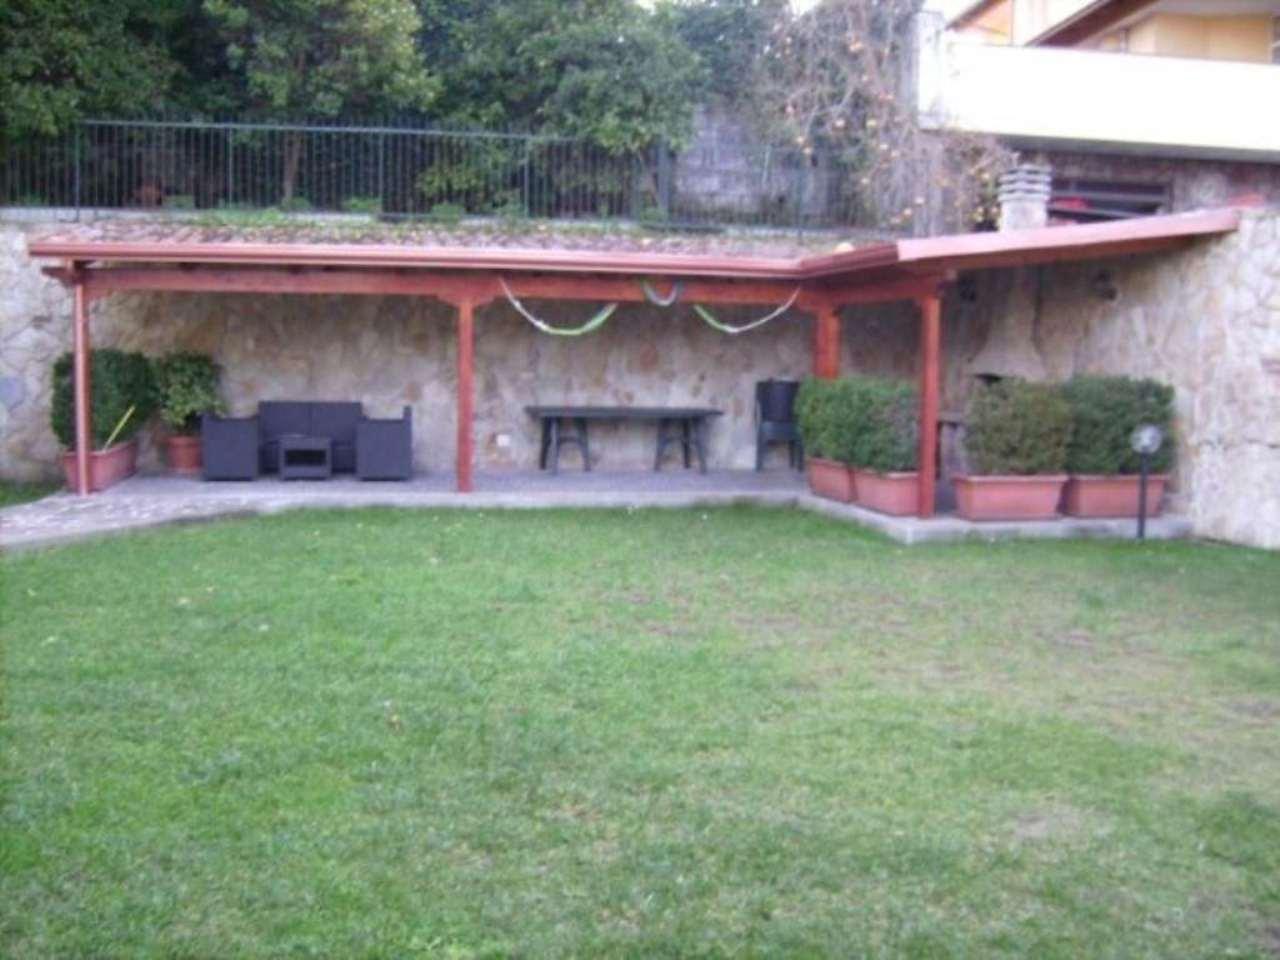 Villa in vendita a Marano di Napoli, 6 locali, prezzo € 660.000 | Cambio Casa.it